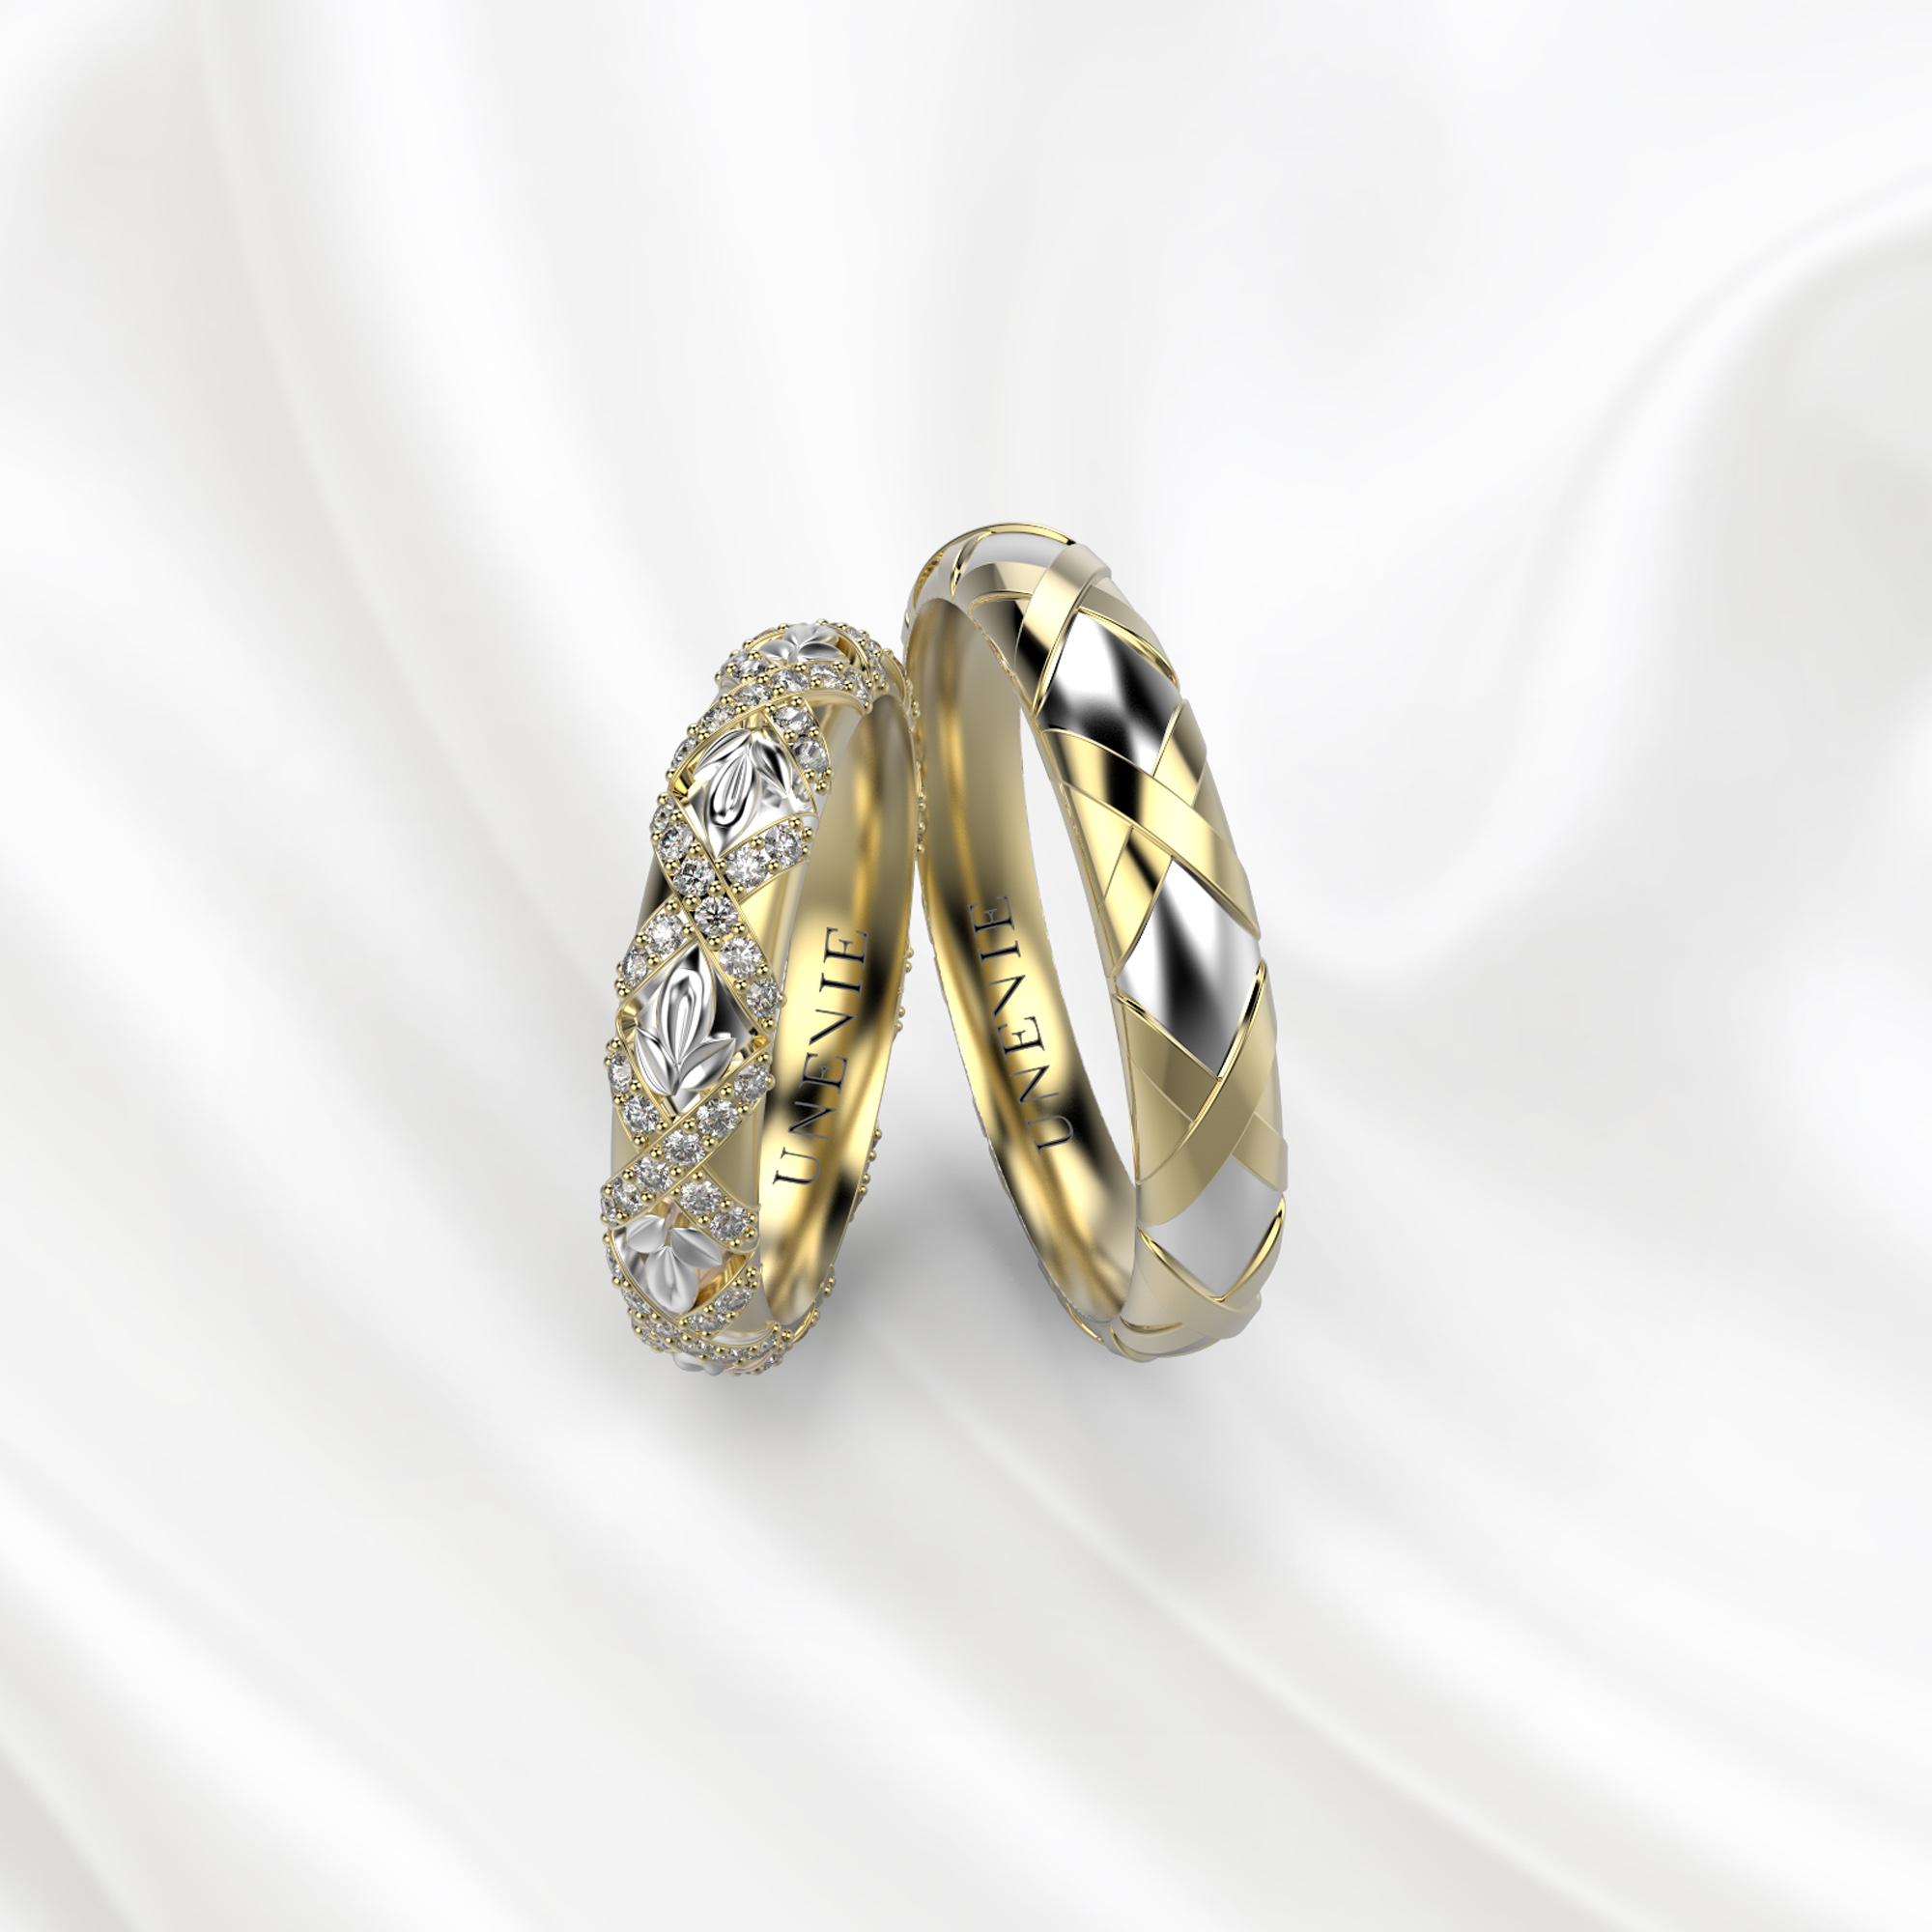 NV27 Обручальные кольца из жёлто-белого золота с бриллиантами